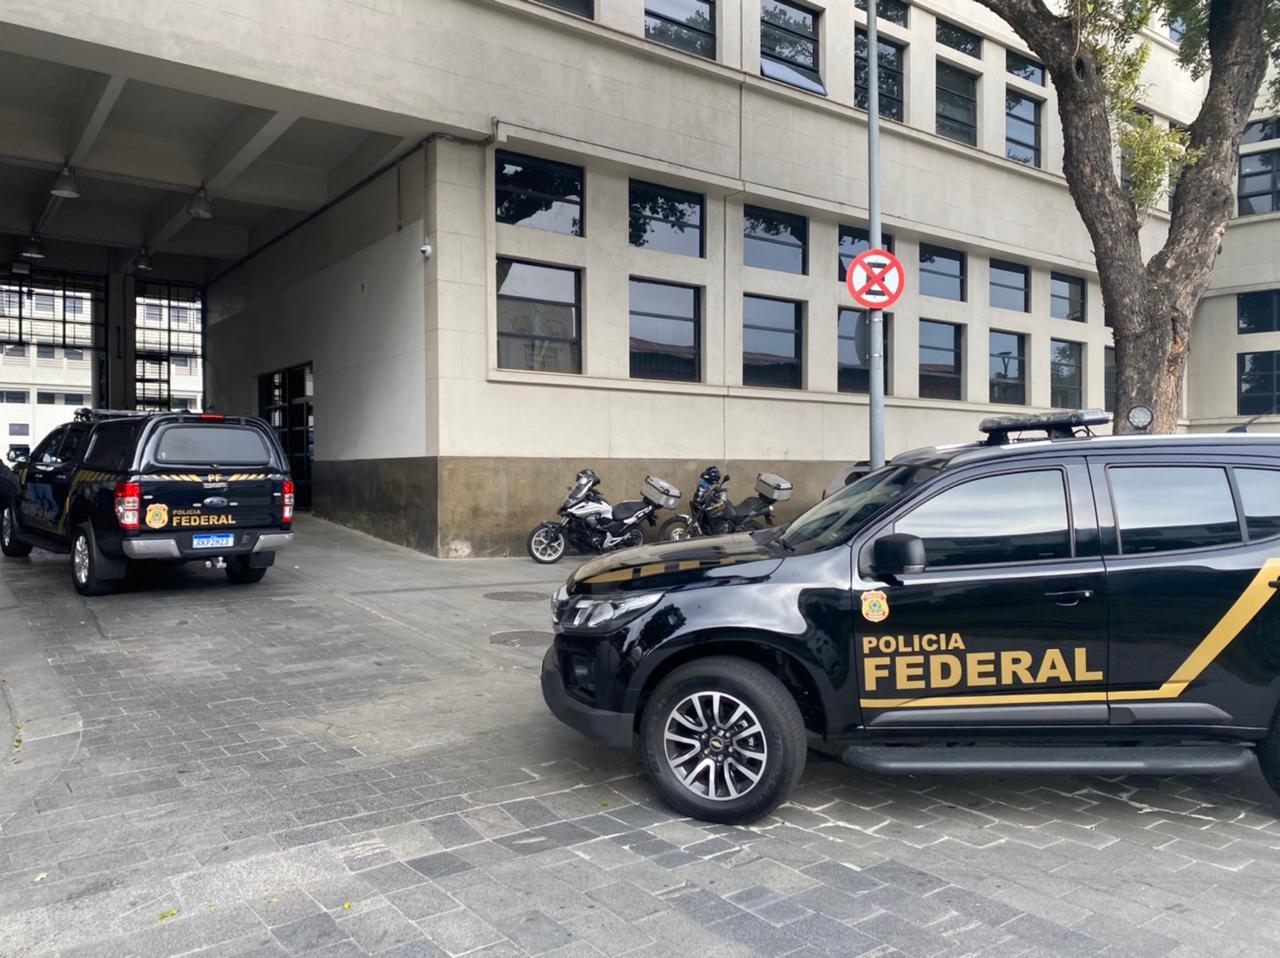 Operação da PF mira em empresários acusados de fraude em contratos com a UFRJ